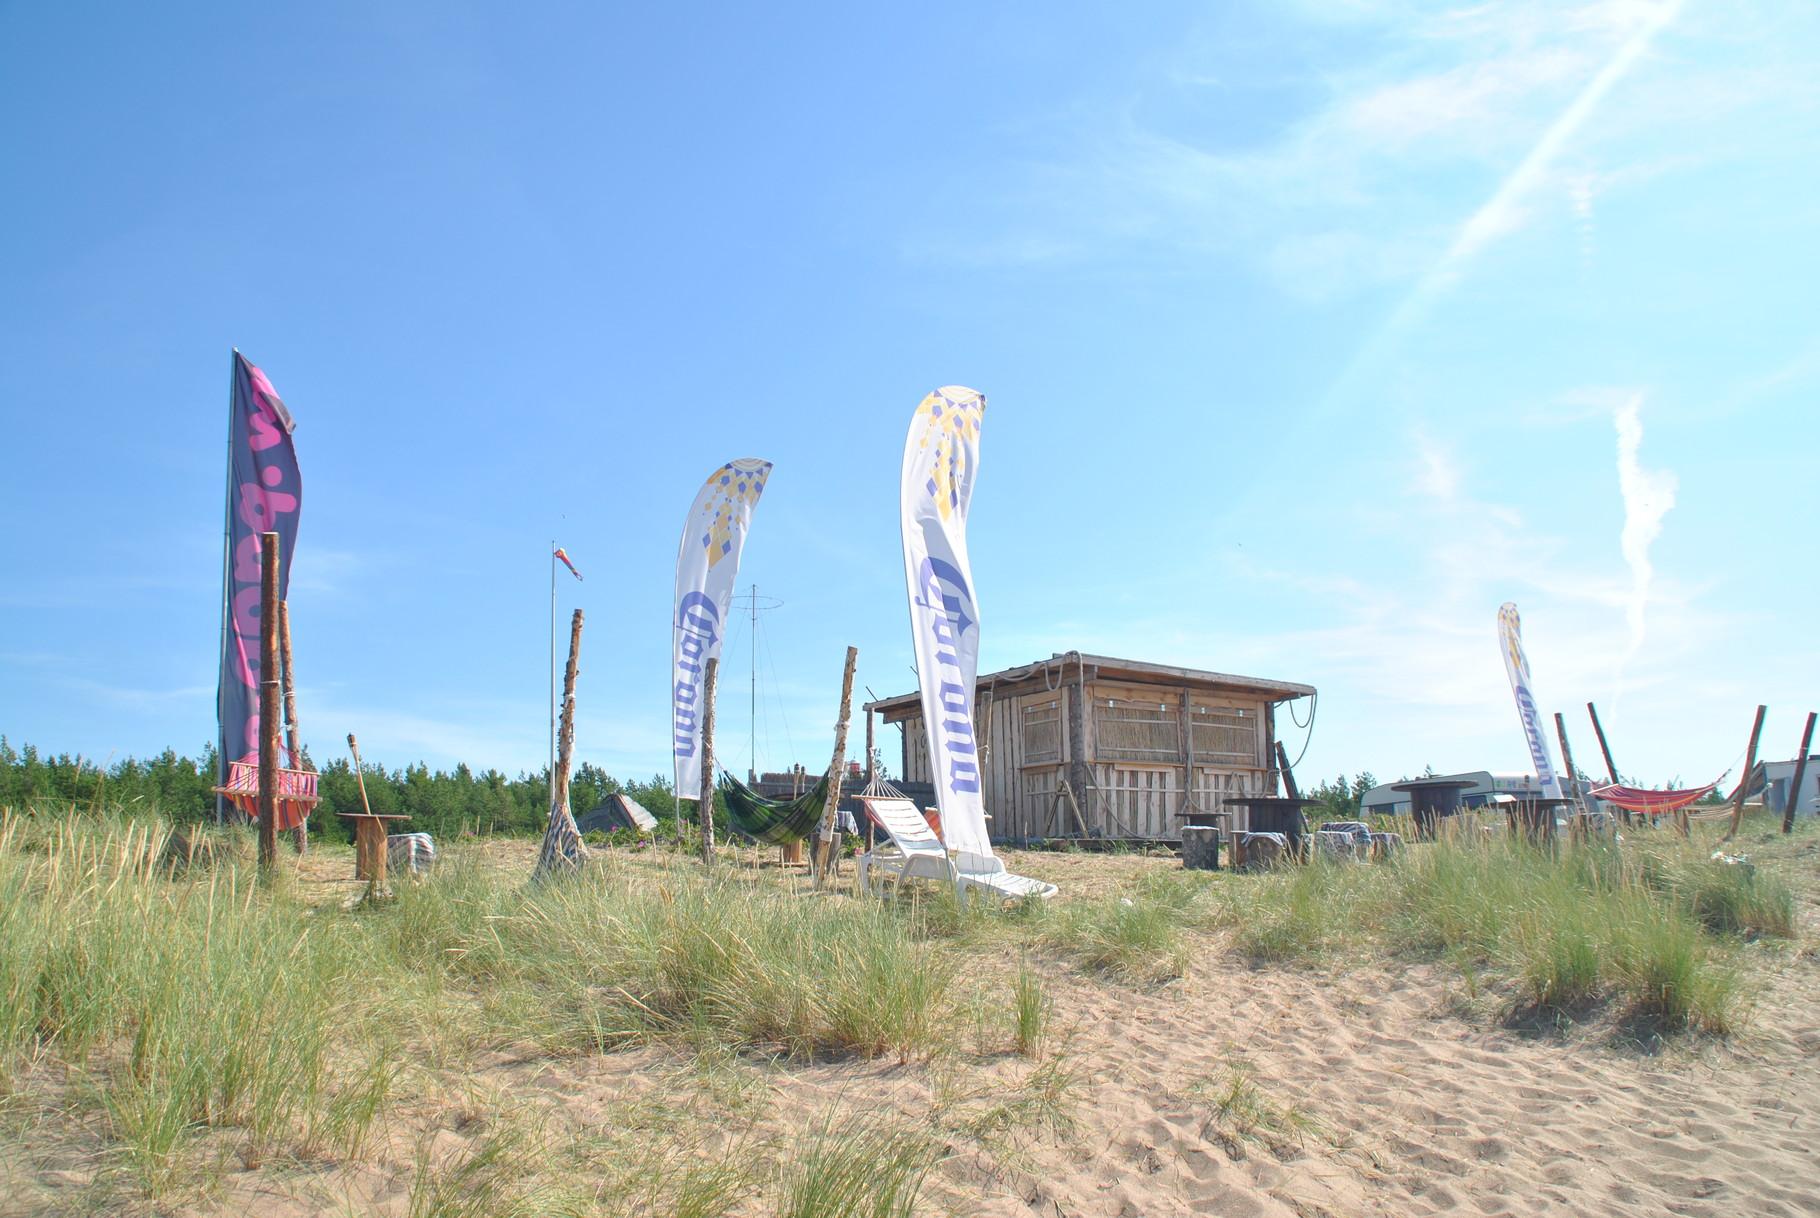 Surf Paradiis, Hiiumaa, Estland